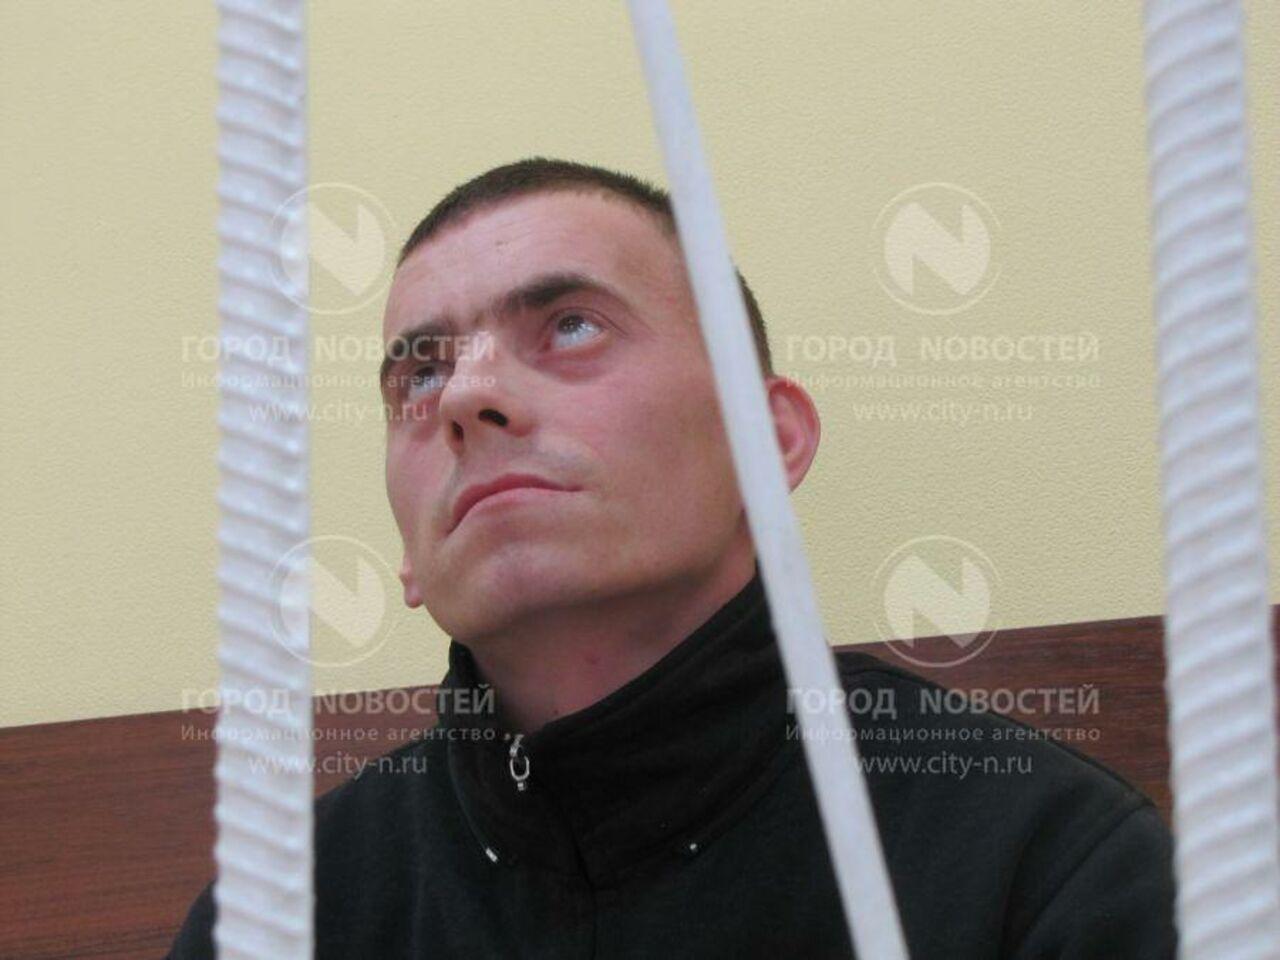 Новокузнецкий каннибал получил получил 12 лет колонии